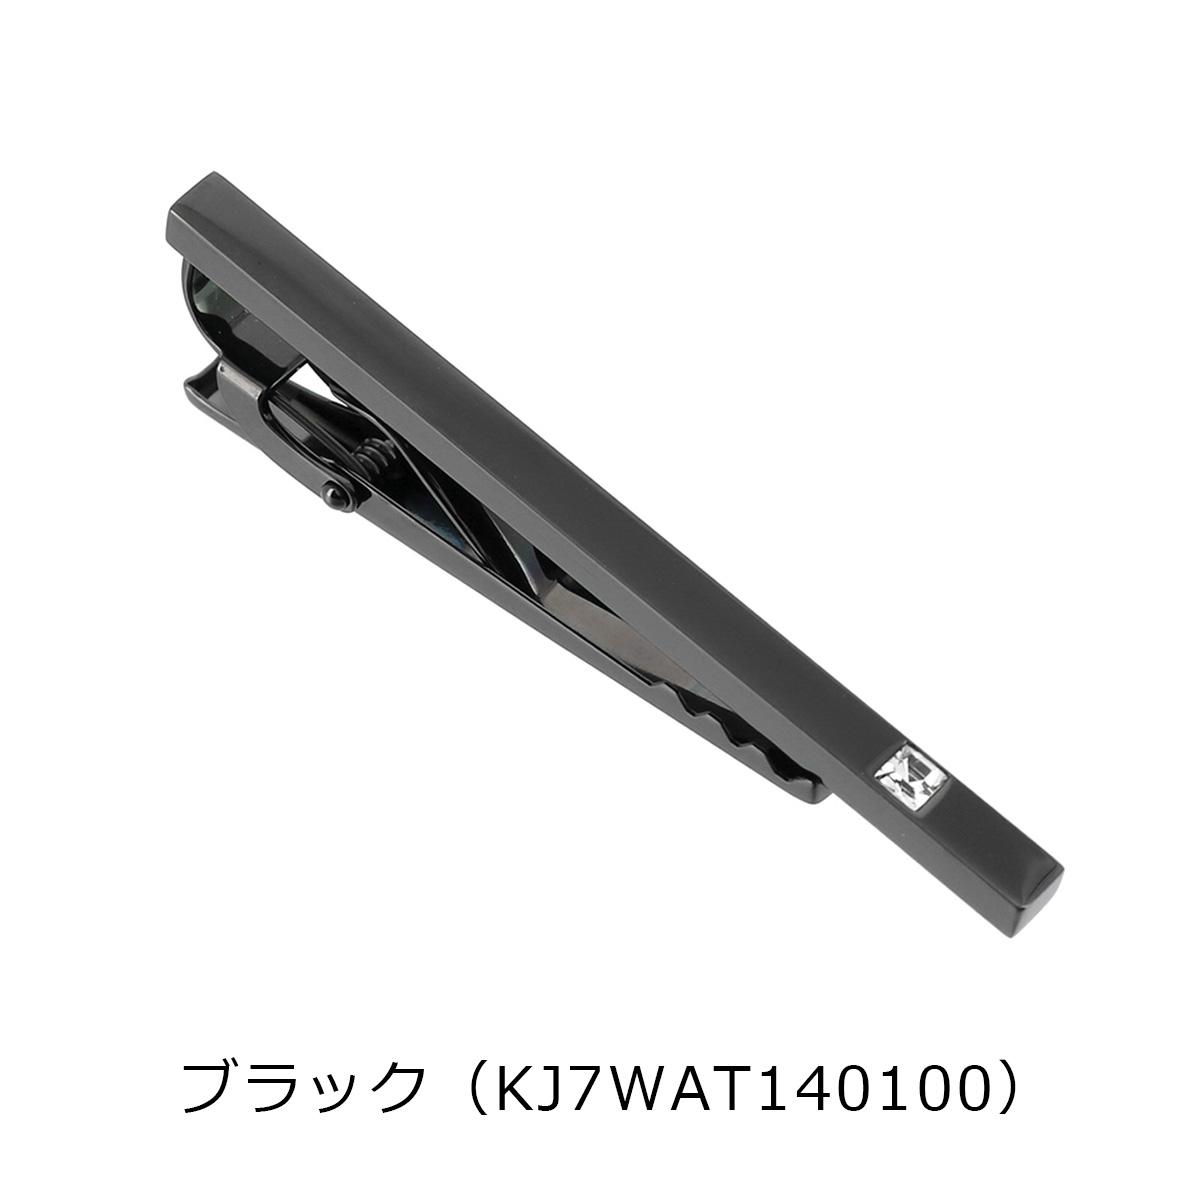 ブラック(KJ7WAT140100)